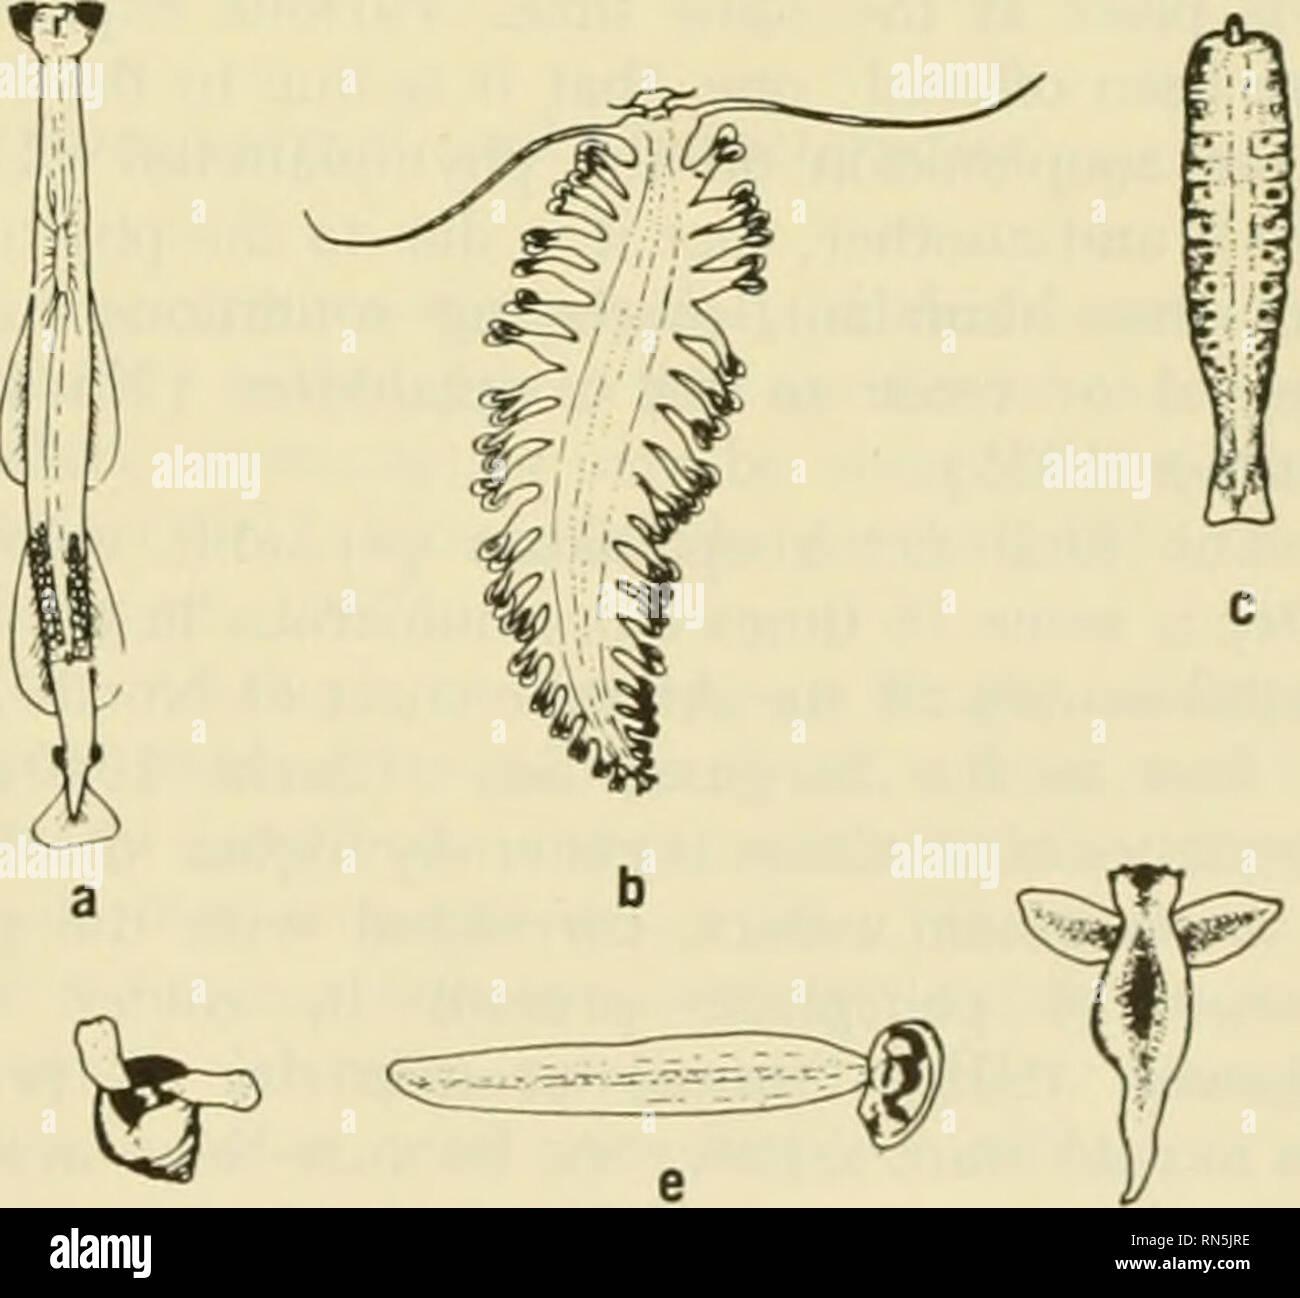 . Ecología animal. Ecología animal. FIG. |C| Cruitaceous 28-3/s, b) osfracod ConcAoecia. c| copépodo Calanus, d) anfípodo, Phronemia, en el vacío de la manto tunicate Salpa. atopods pelágicos. Muchas de estas formas arc también bcntliic o nektonic durante una parte del ciclo de vida. Entre los cordados son notables y a veces abundante tunicados. Los huevos y imma- ture etapas de muchos peces son pelágicas en que absorben suficiente agua poco después de ser spaw^Ned tener casi exactamente la misma densidad que el sur- el agua de redondeo. Los huevos de rayas, algunos de los tiburones, y algunos otros Foto de stock